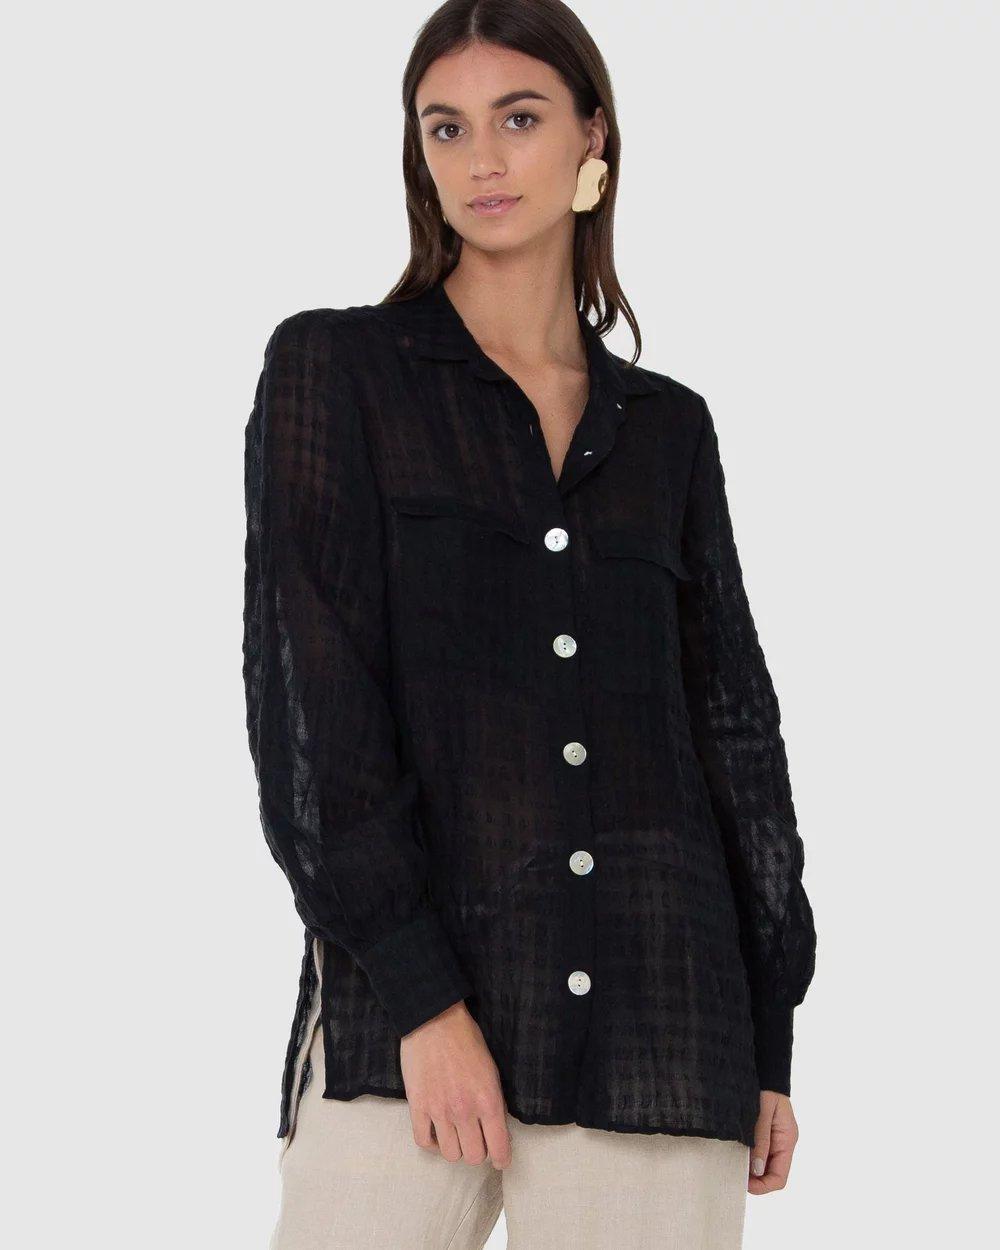 86b81de3b04 Стильные женские рубашки 2019 2020 года  модные тенденции фото